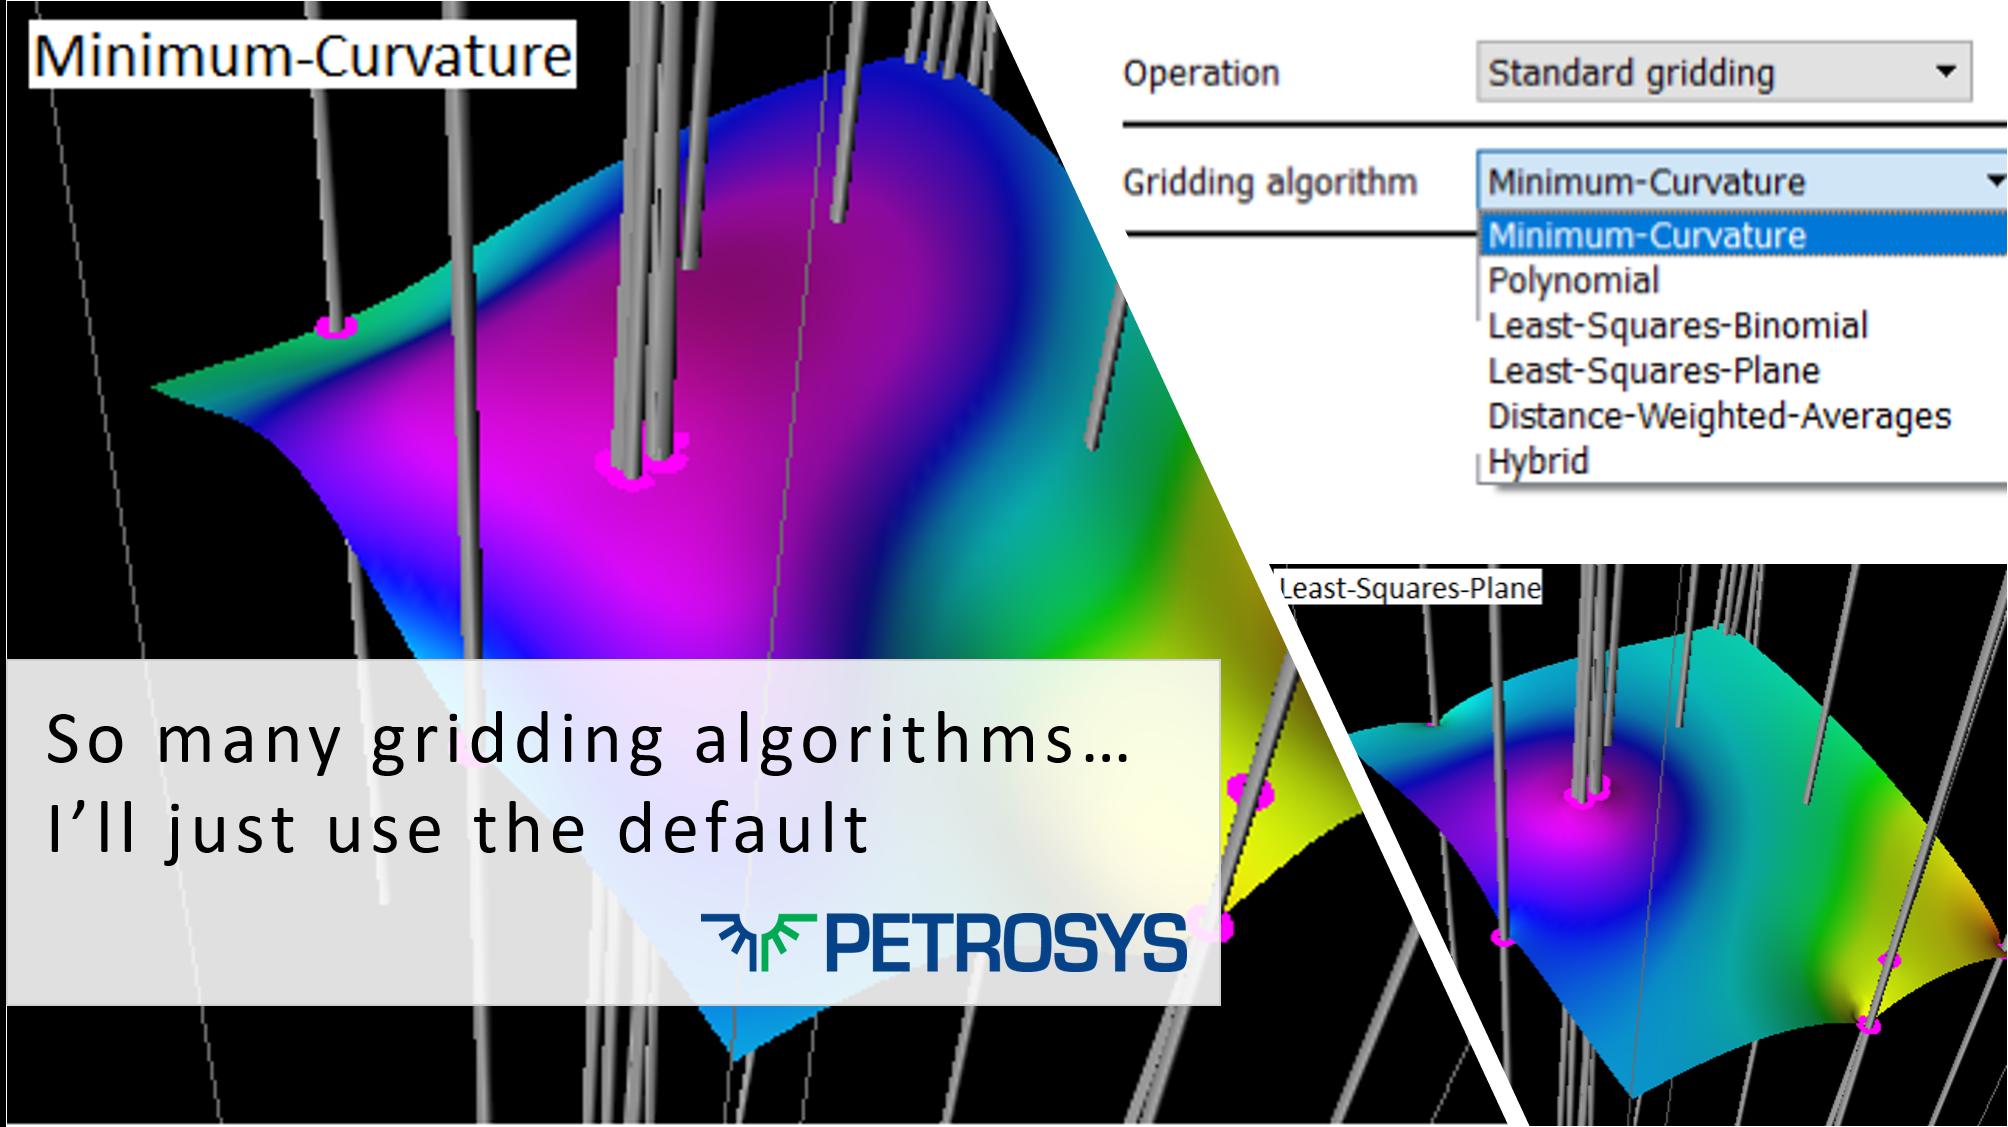 So many gridding algorithms – I'll just use the default